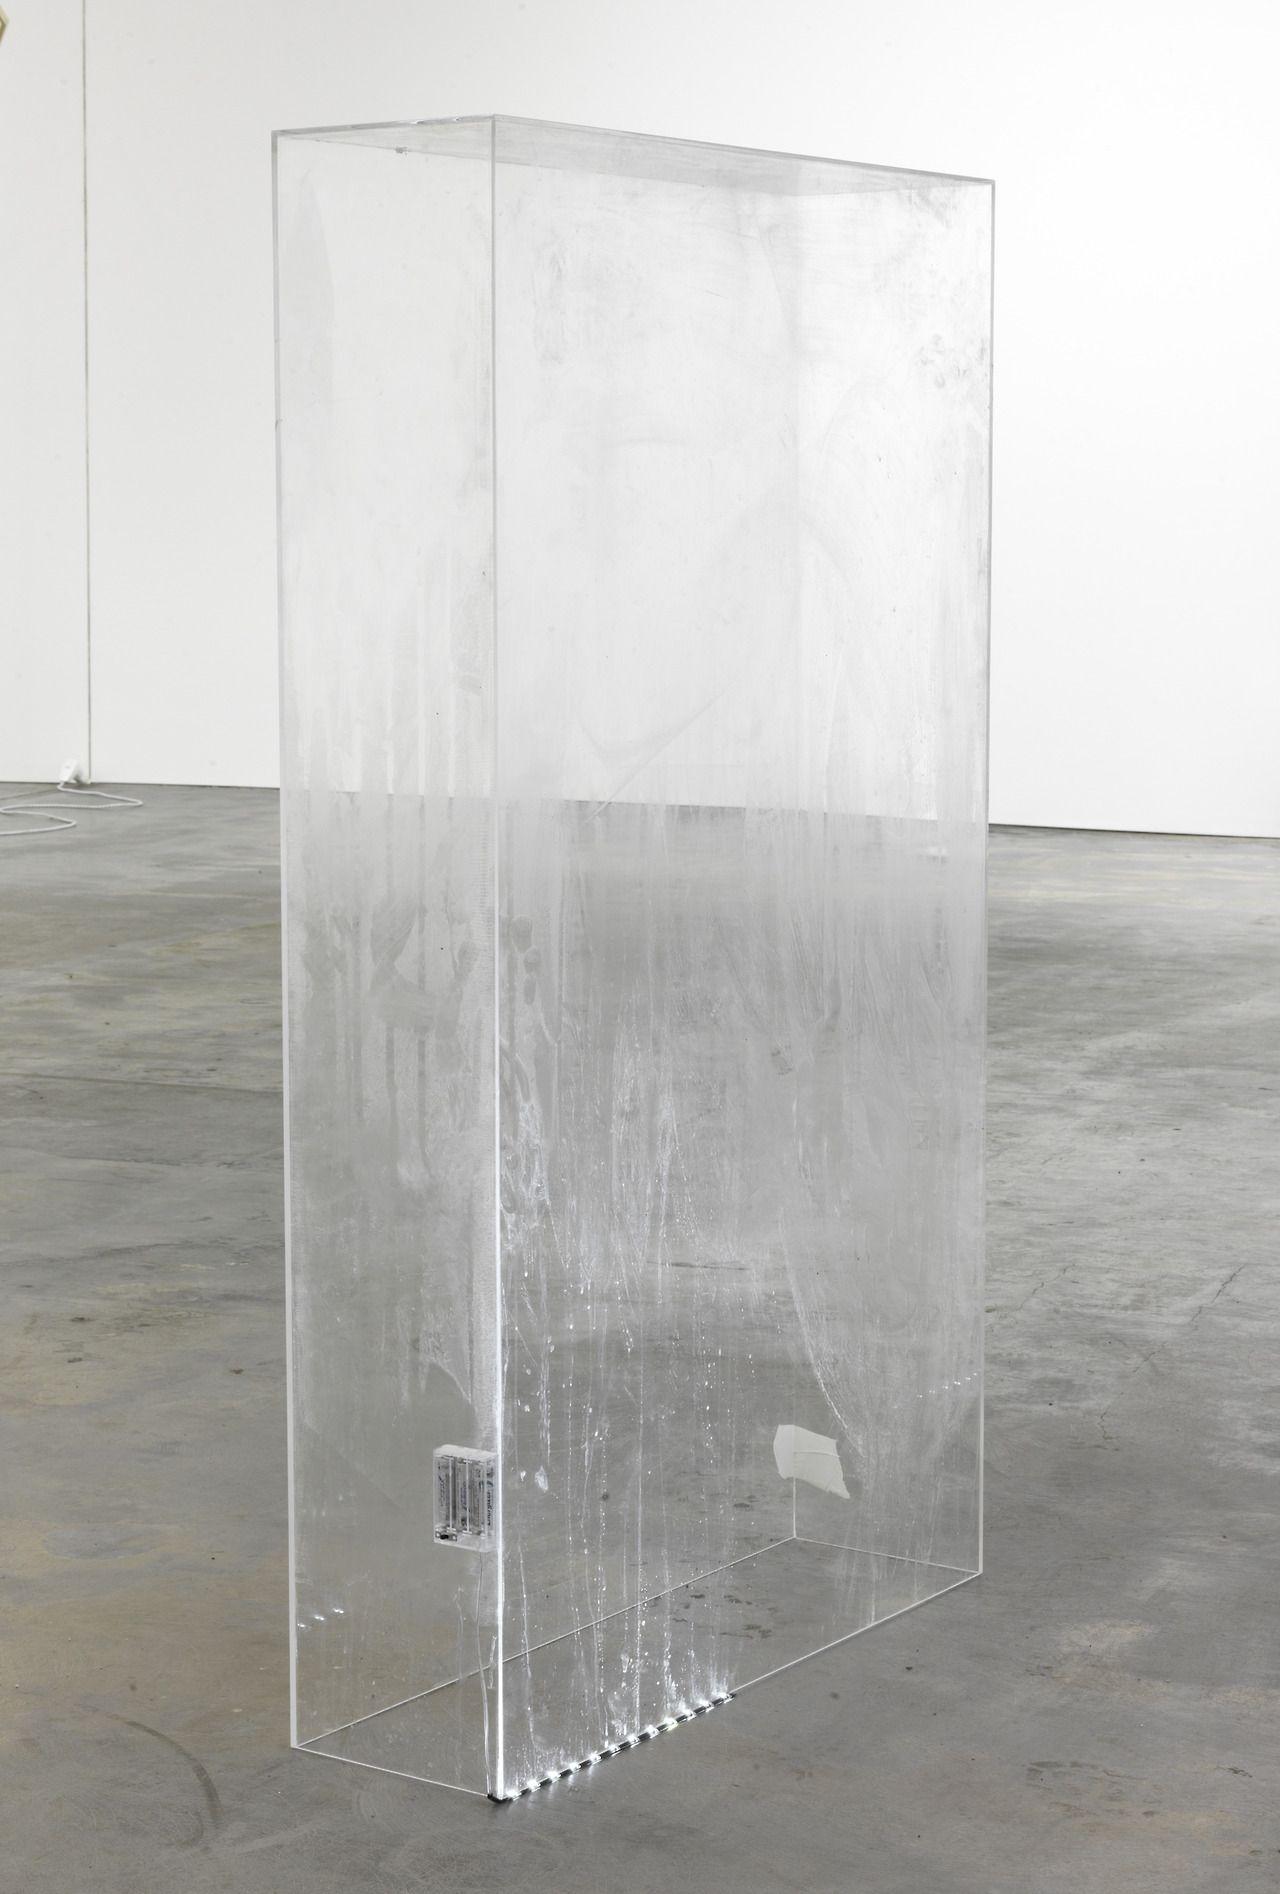 Weissesrauschen bj rn dahlem minimal minimalist for Minimal art installation